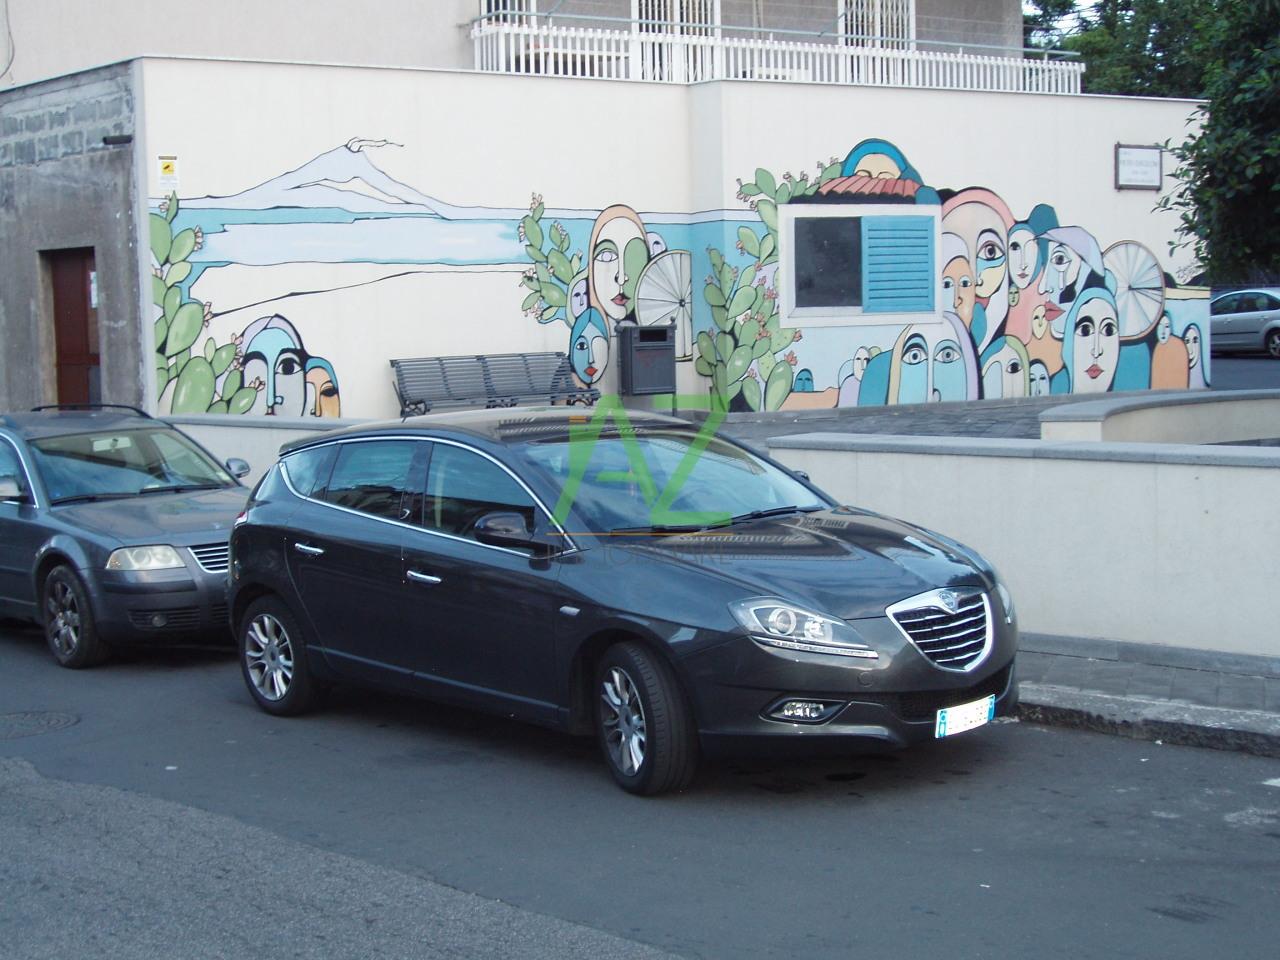 Negozio / Locale in vendita a Misterbianco, 9999 locali, prezzo € 65.000 | Cambio Casa.it